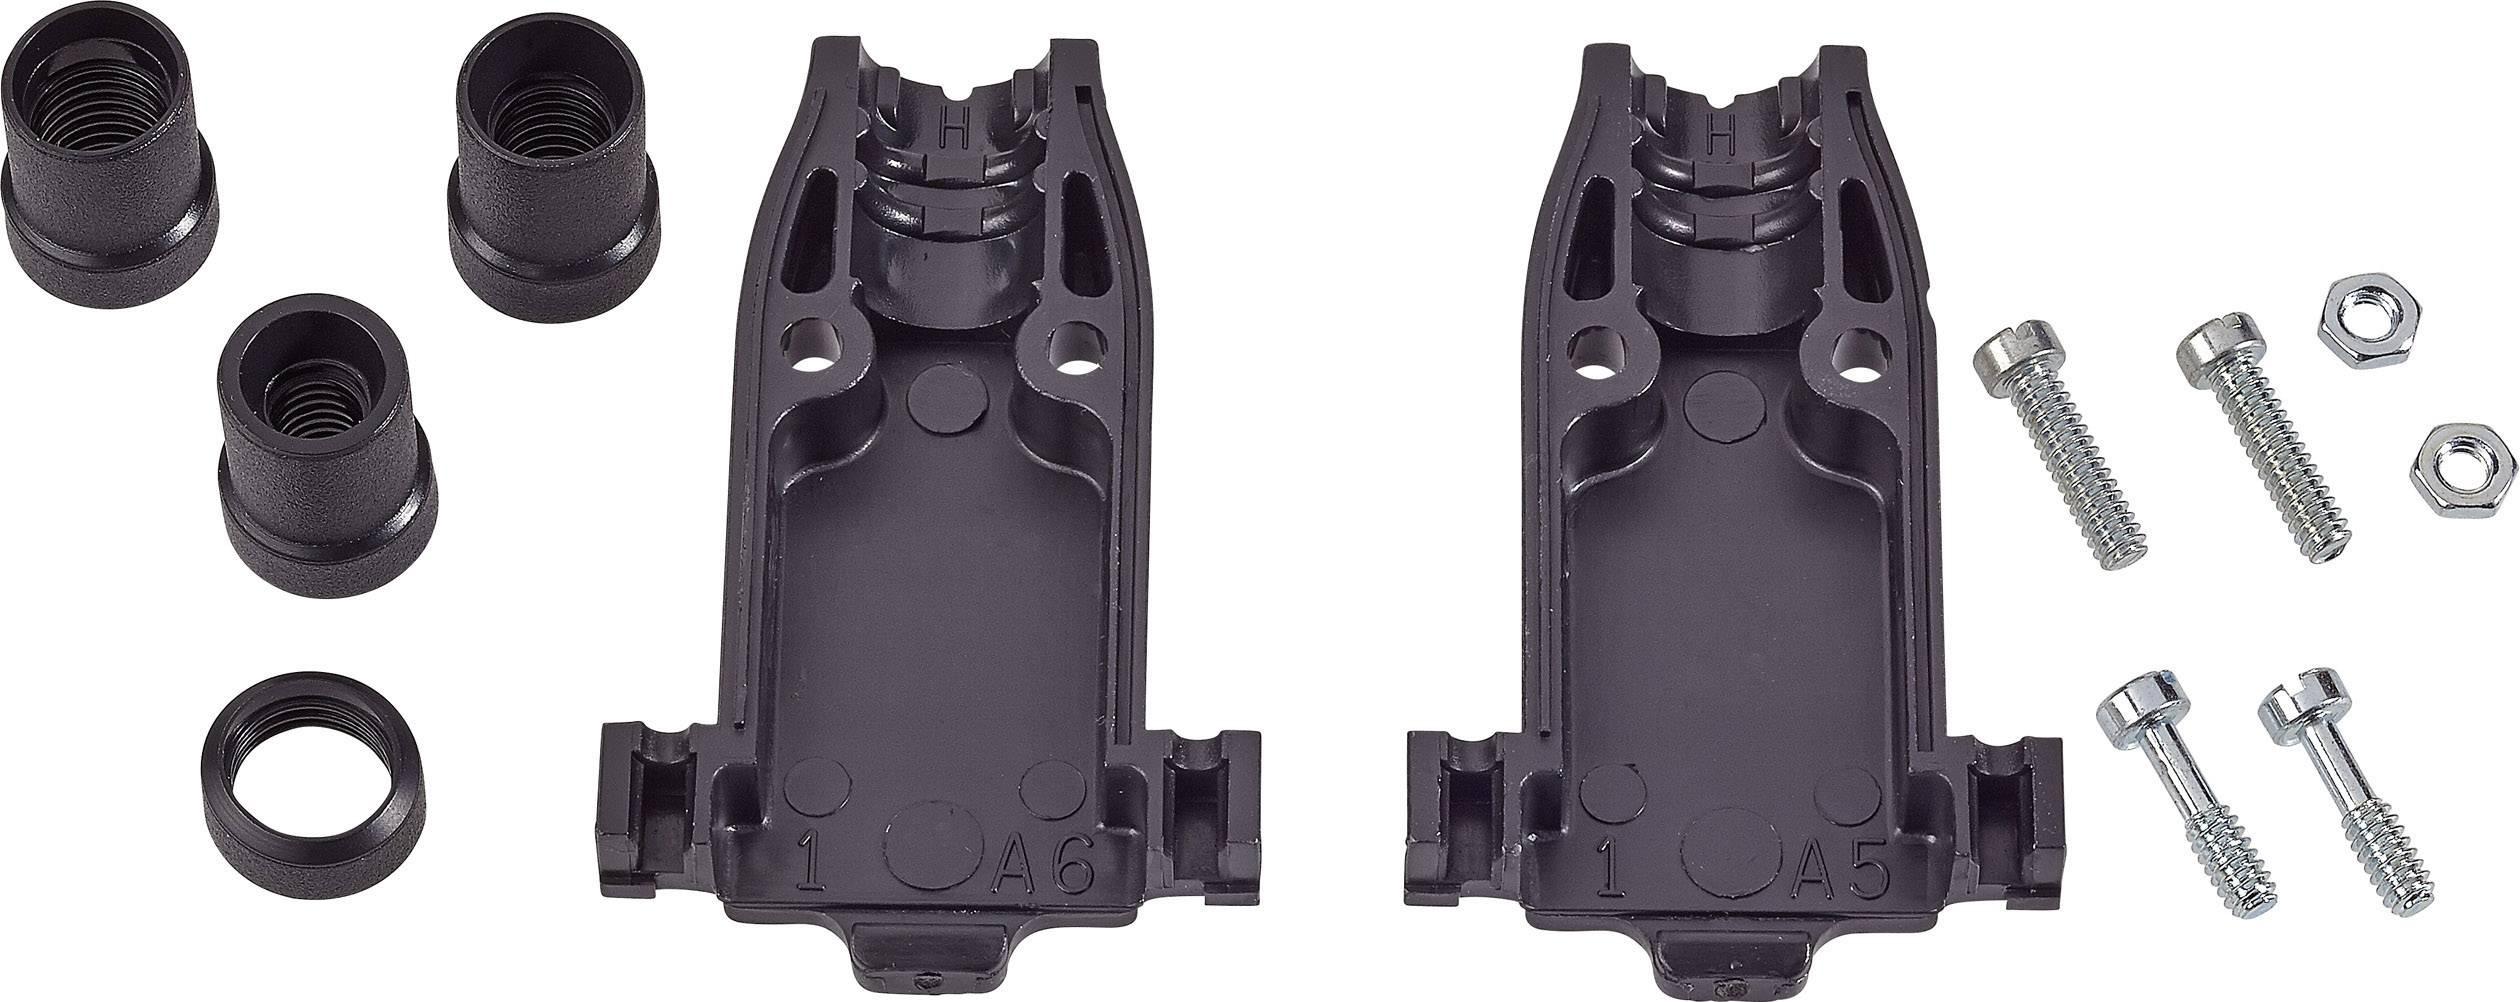 D-SUB púzdro TE Connectivity AMPLIMITE HD-20 (HDP-20) 5748678-3, Počet pinov: 25, ABS, 180 °, strieborná, 1 ks